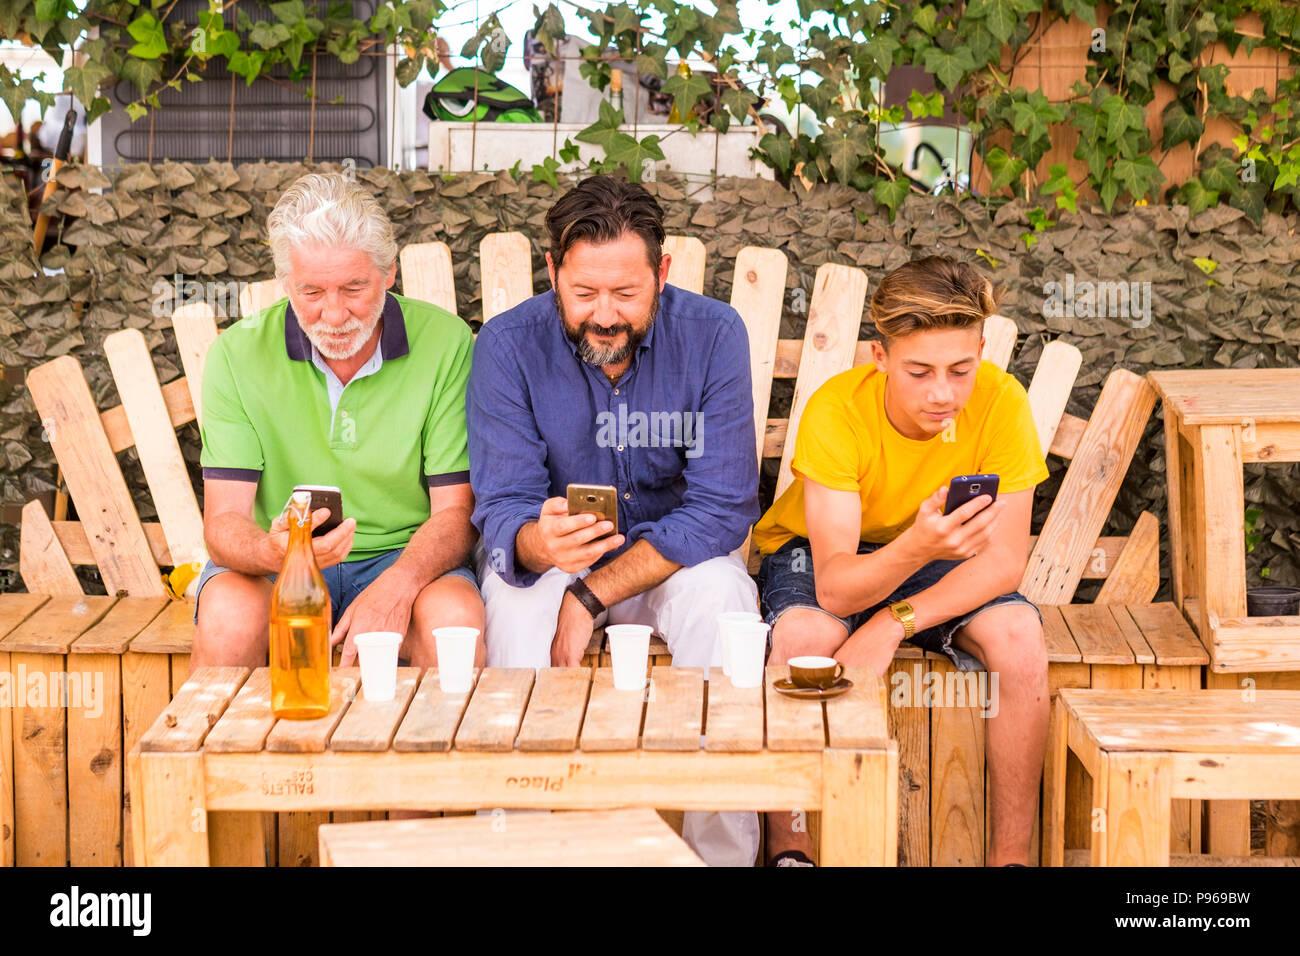 Familie Generationen Männer mit Großvater, Vater und Sohn, Neffe von Alt bis Jung bleiben zusammen mit Mobilfunktechnologie Smartphone eine Verbindung zu Inter Stockbild